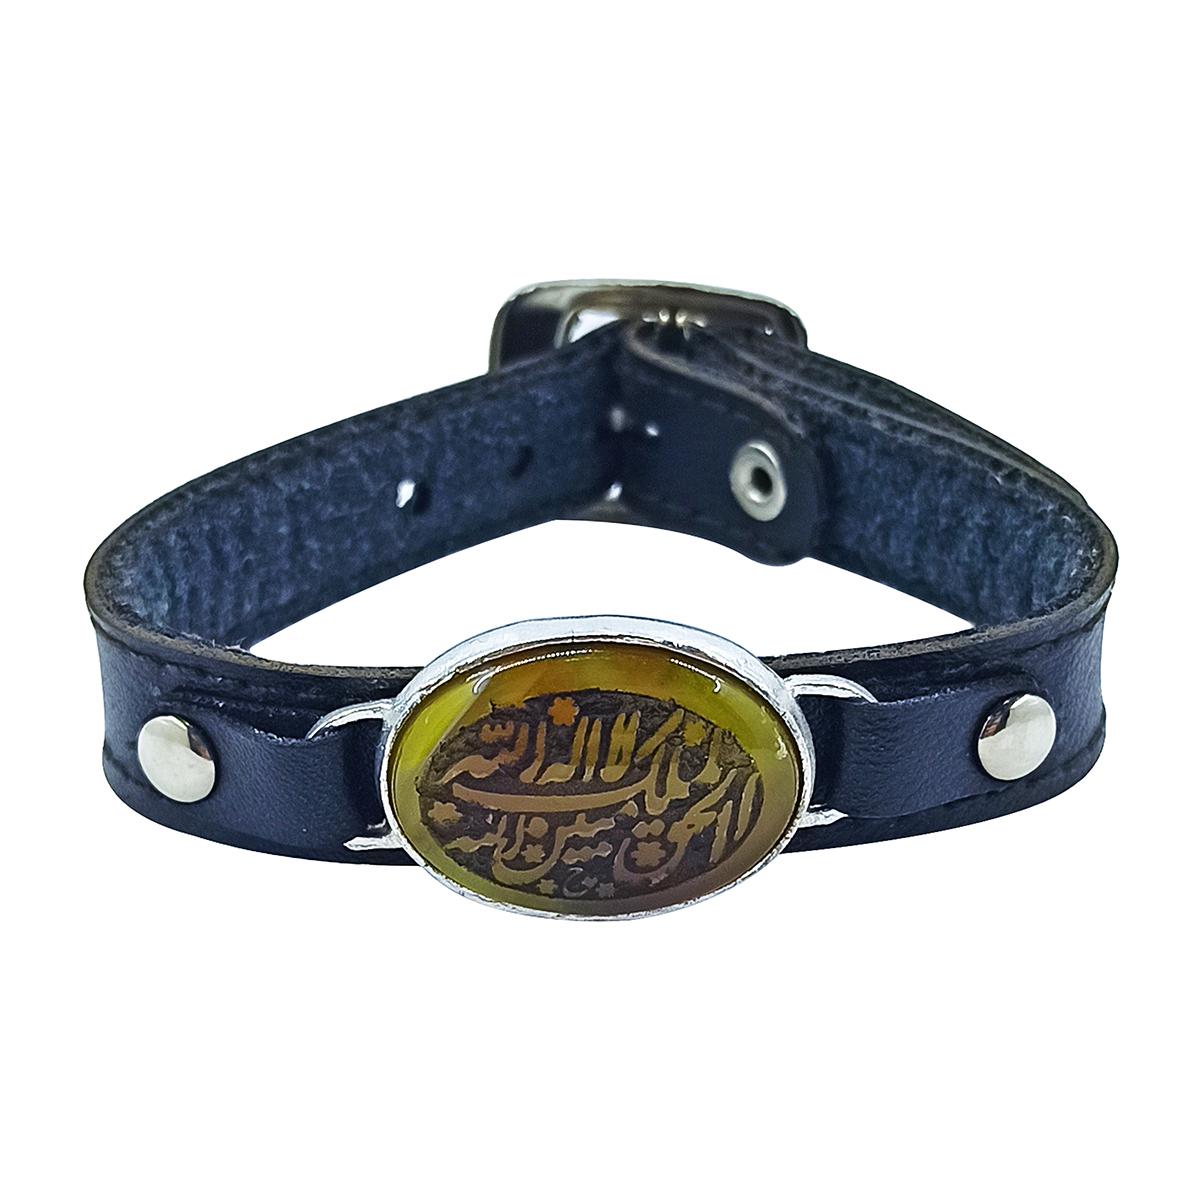 دستبند مردانه سلین کالا مدل عقیق خطی کد ce-As115